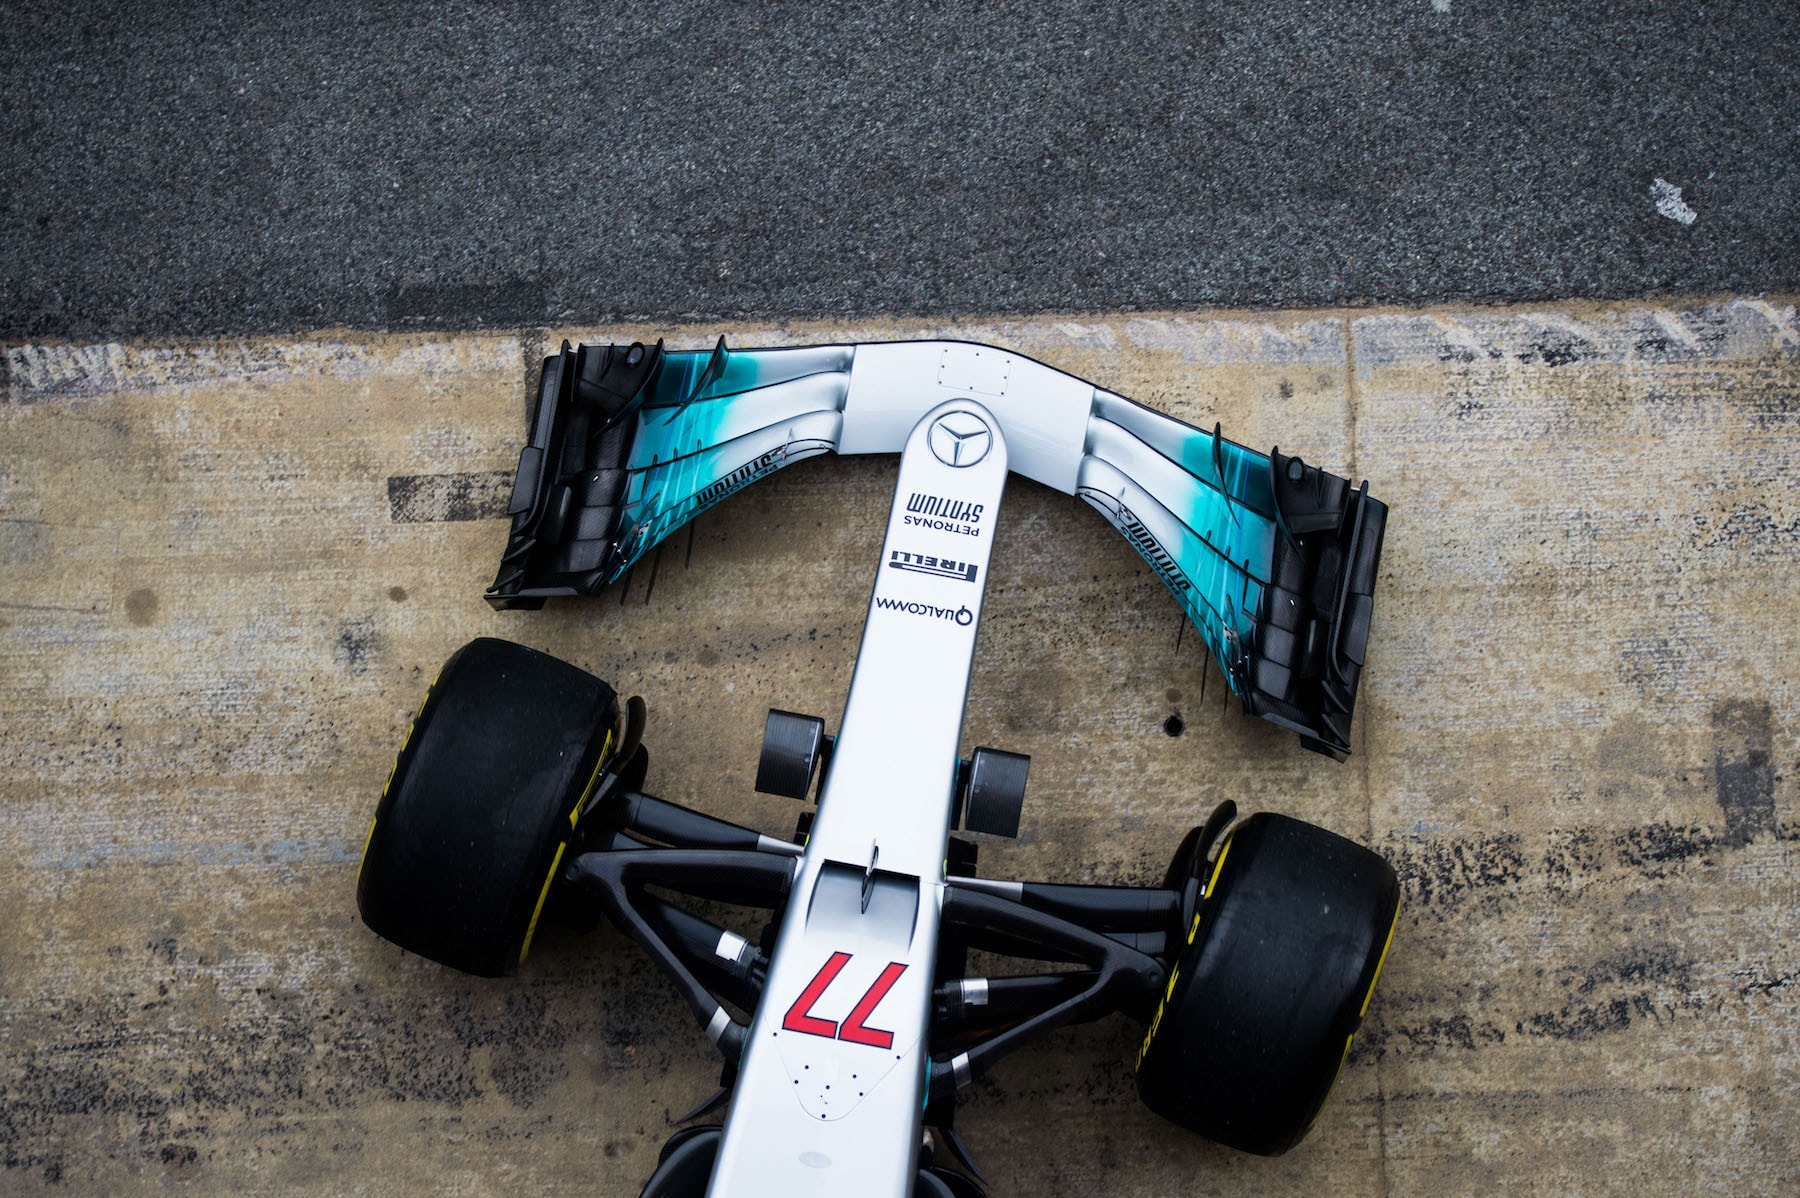 Salracing | Mercedes W08 EQ Power+